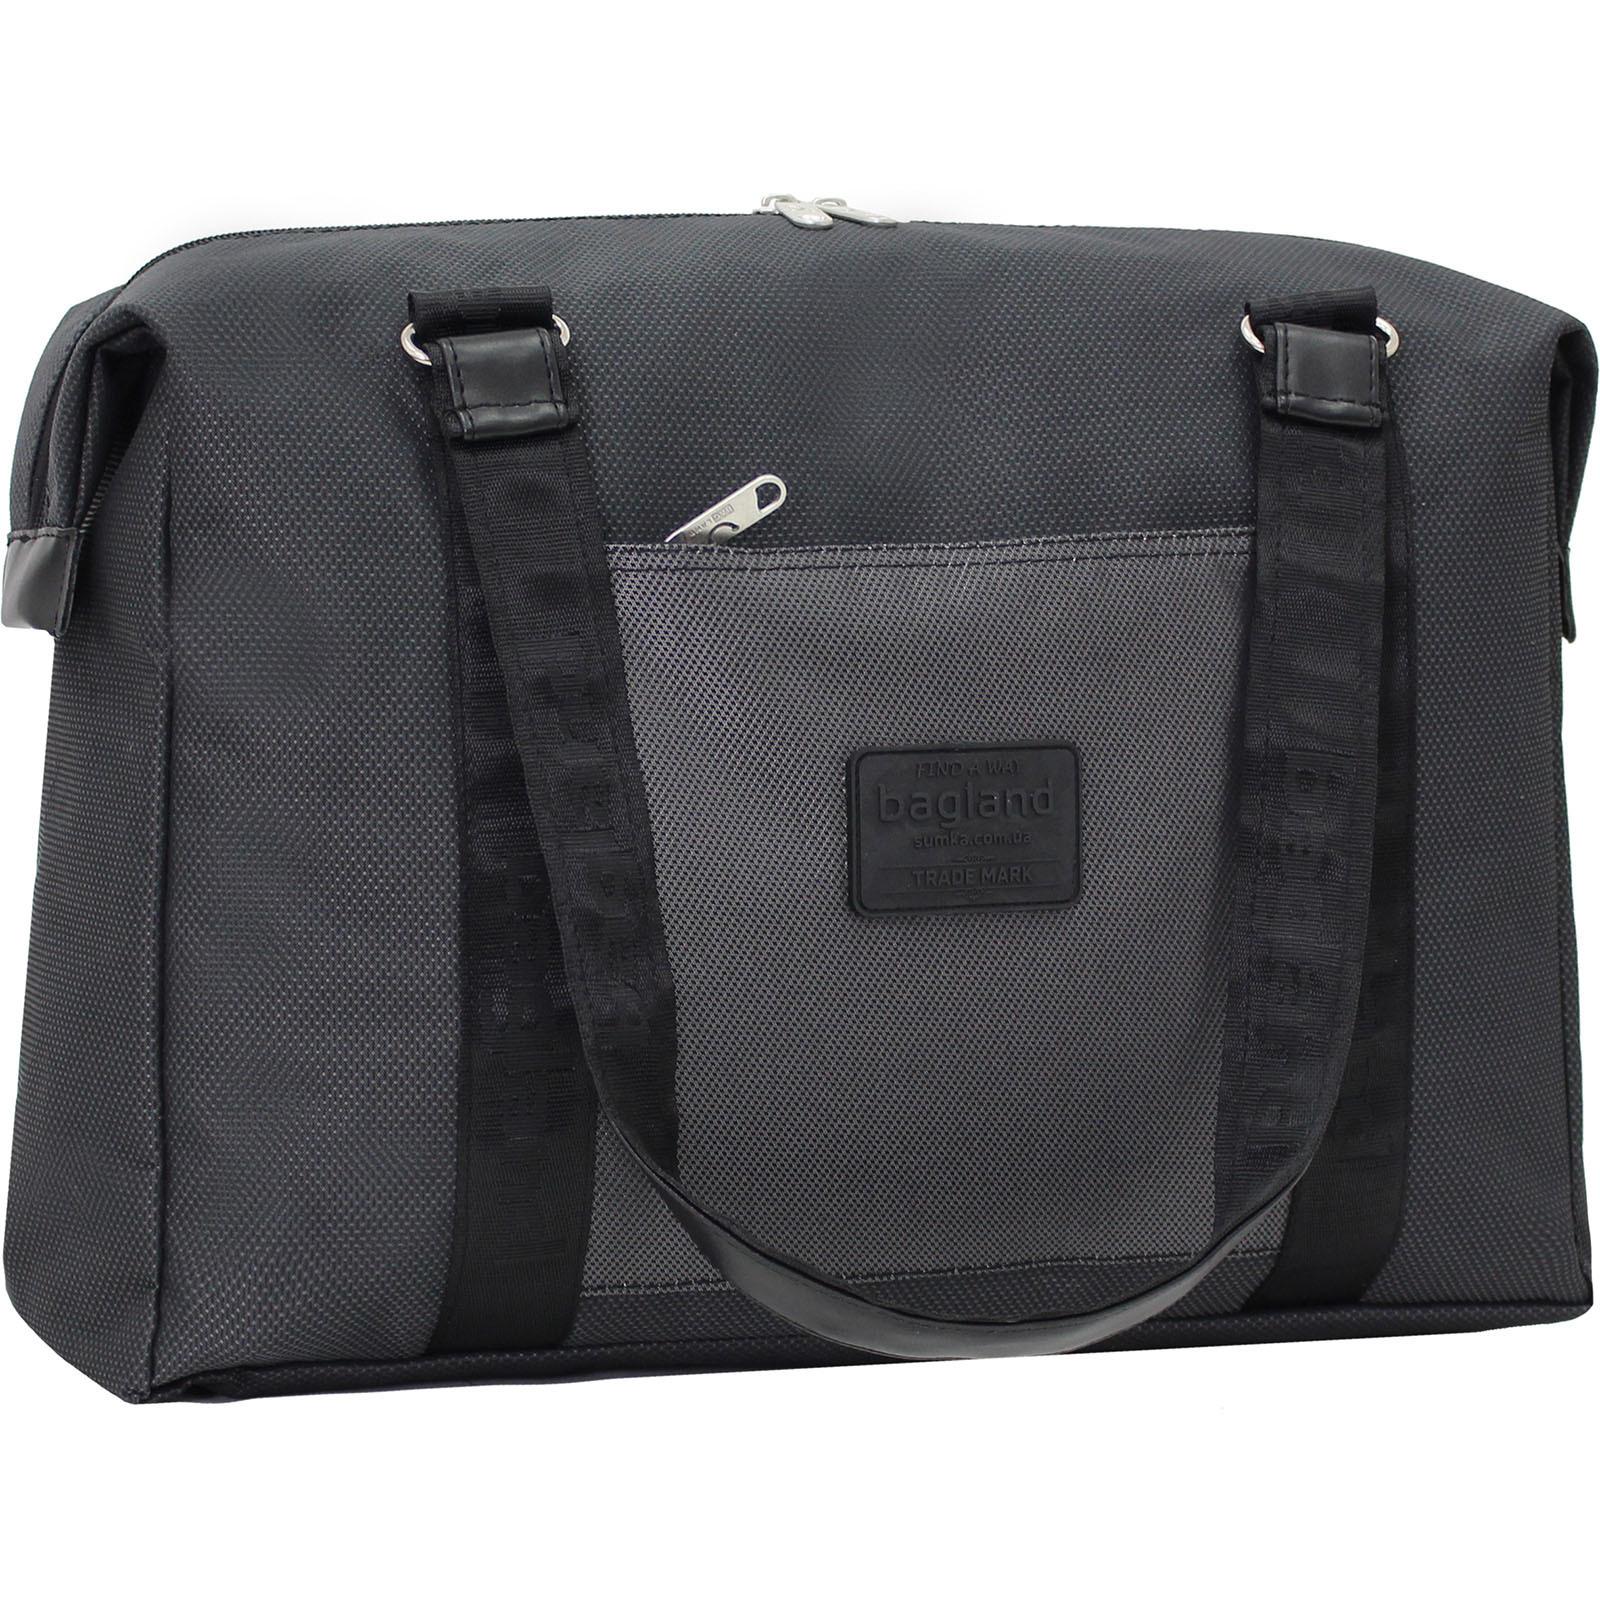 Дорожные сумки Сумка Bagland Fashion 19 л. Чёрный (00305169) IMG_9788.JPG